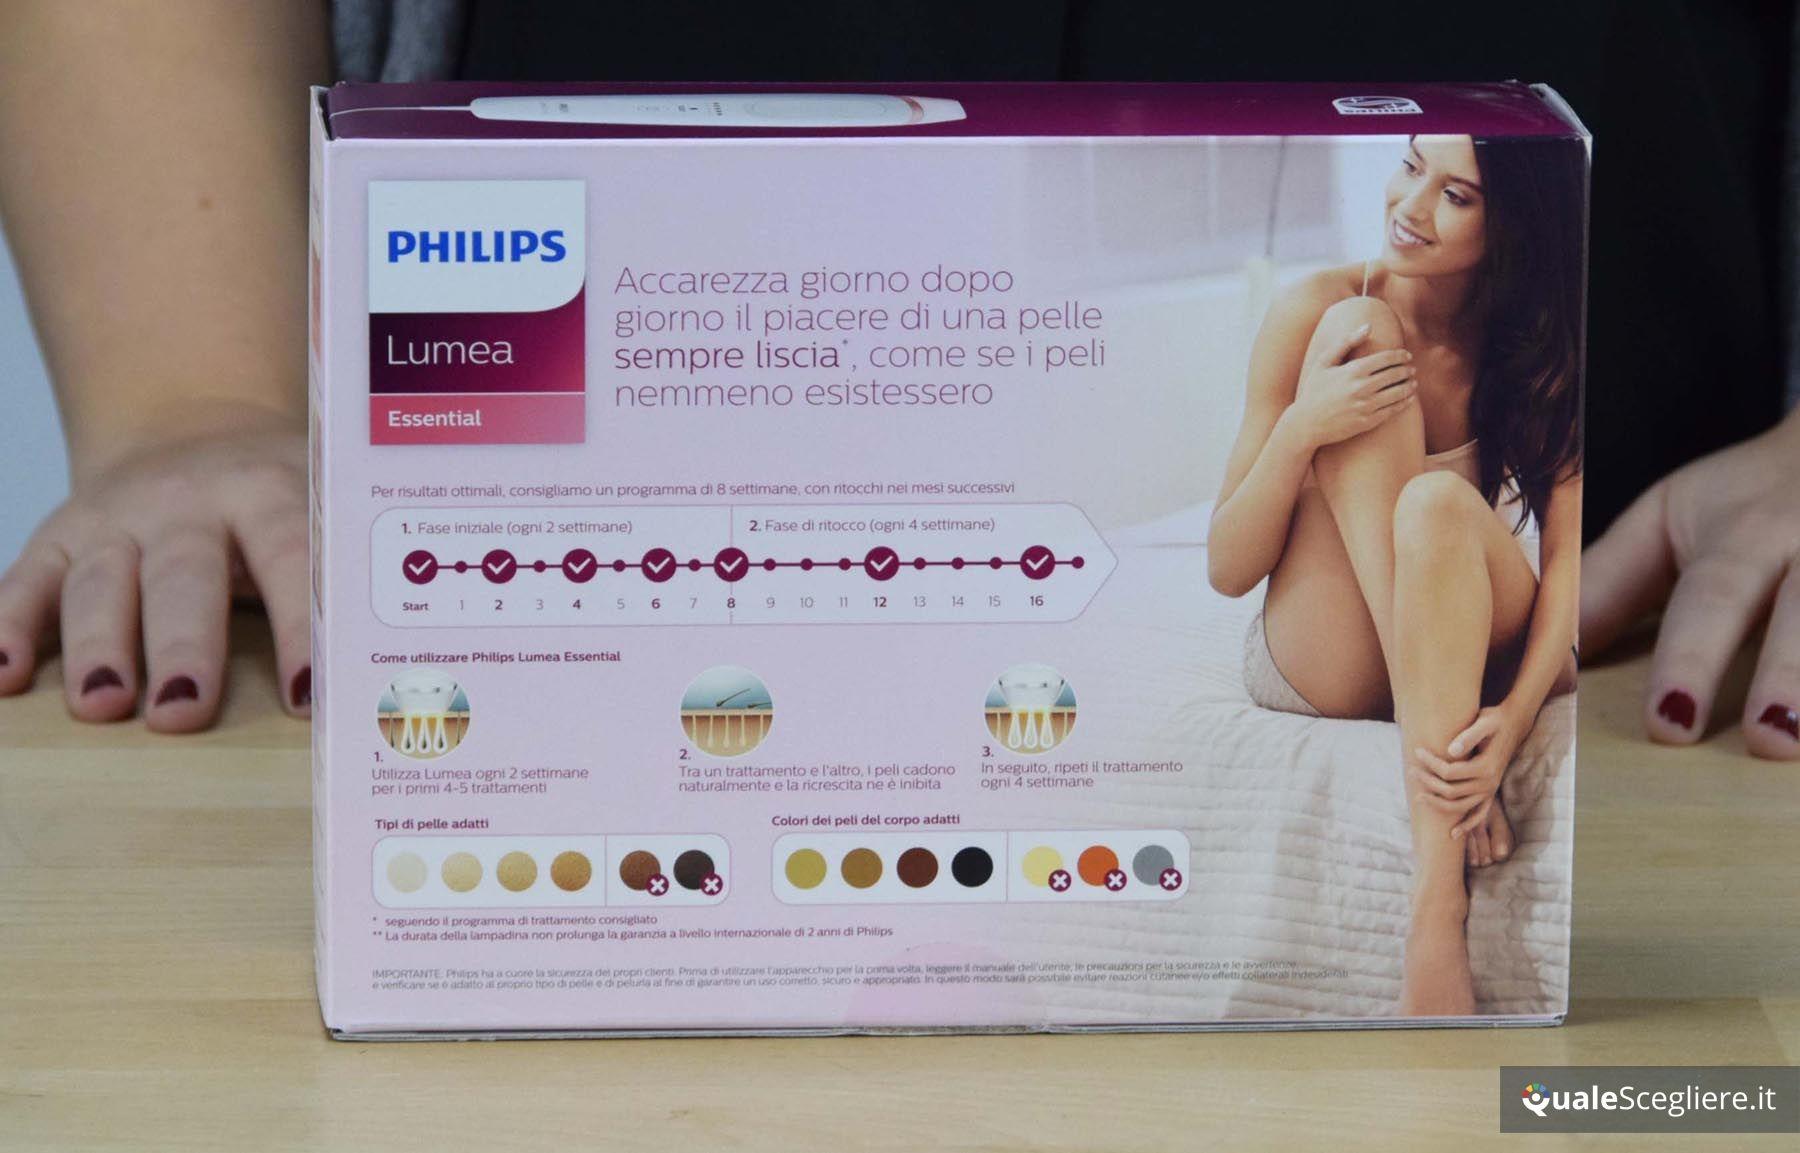 philips lumea essential ipl